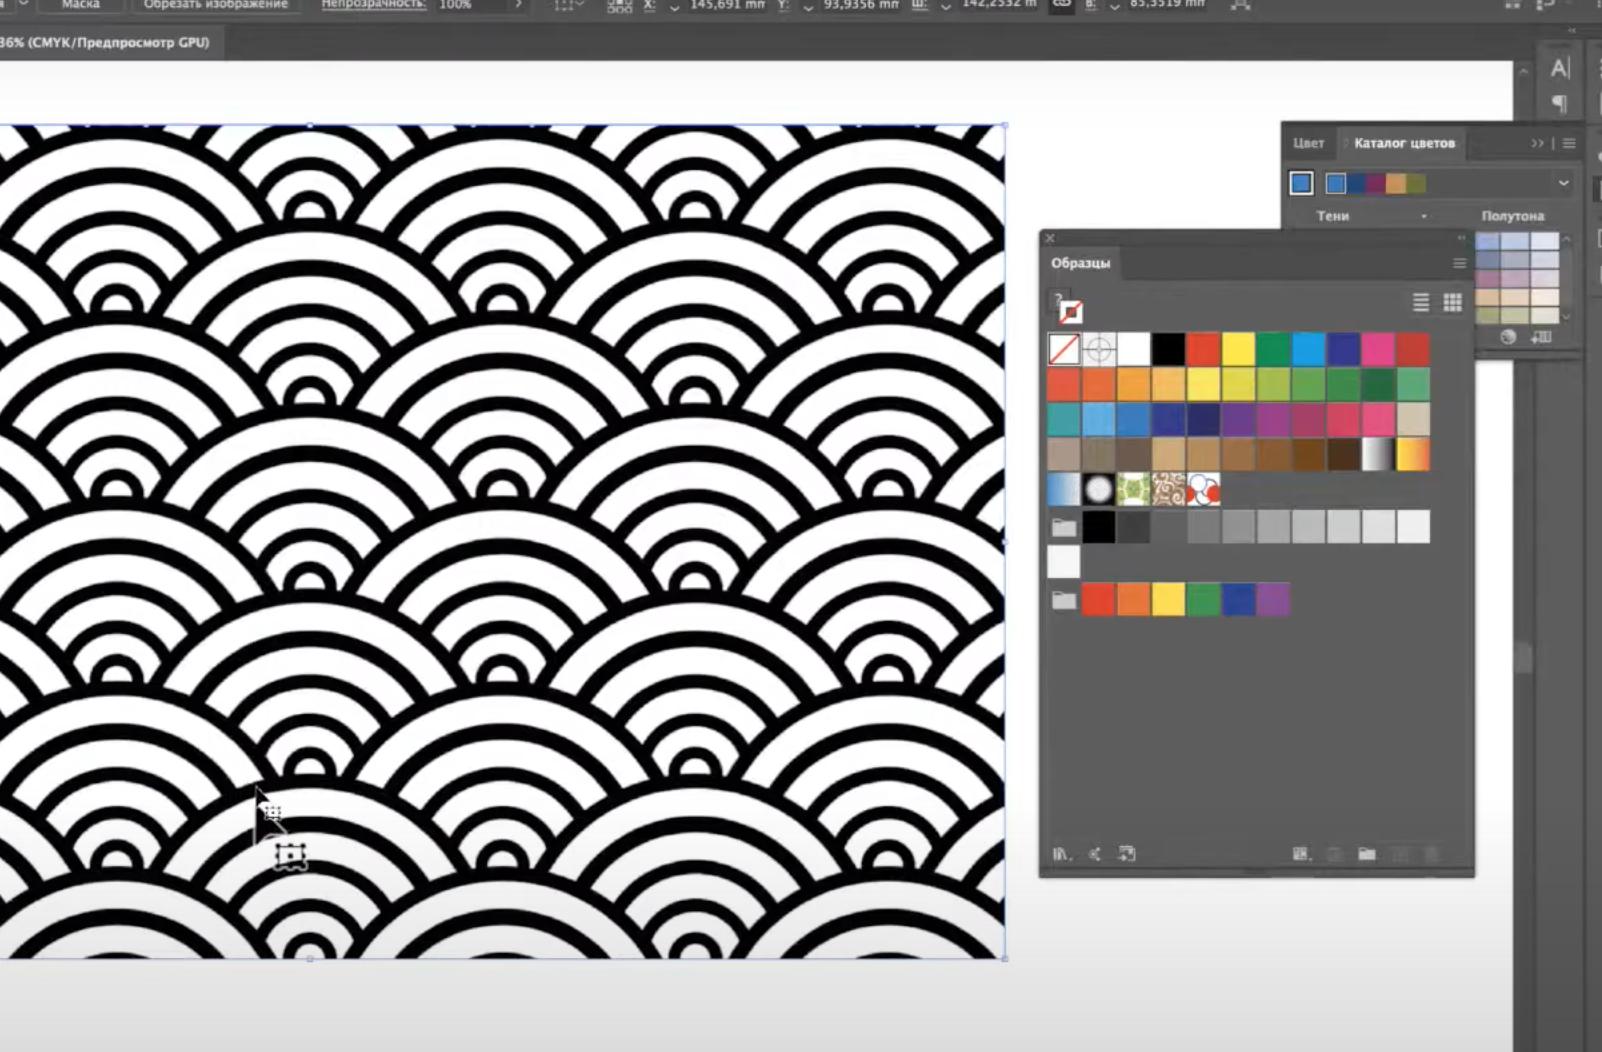 Создавать узоры в графическом редакторе научили в технологическом колледже №34